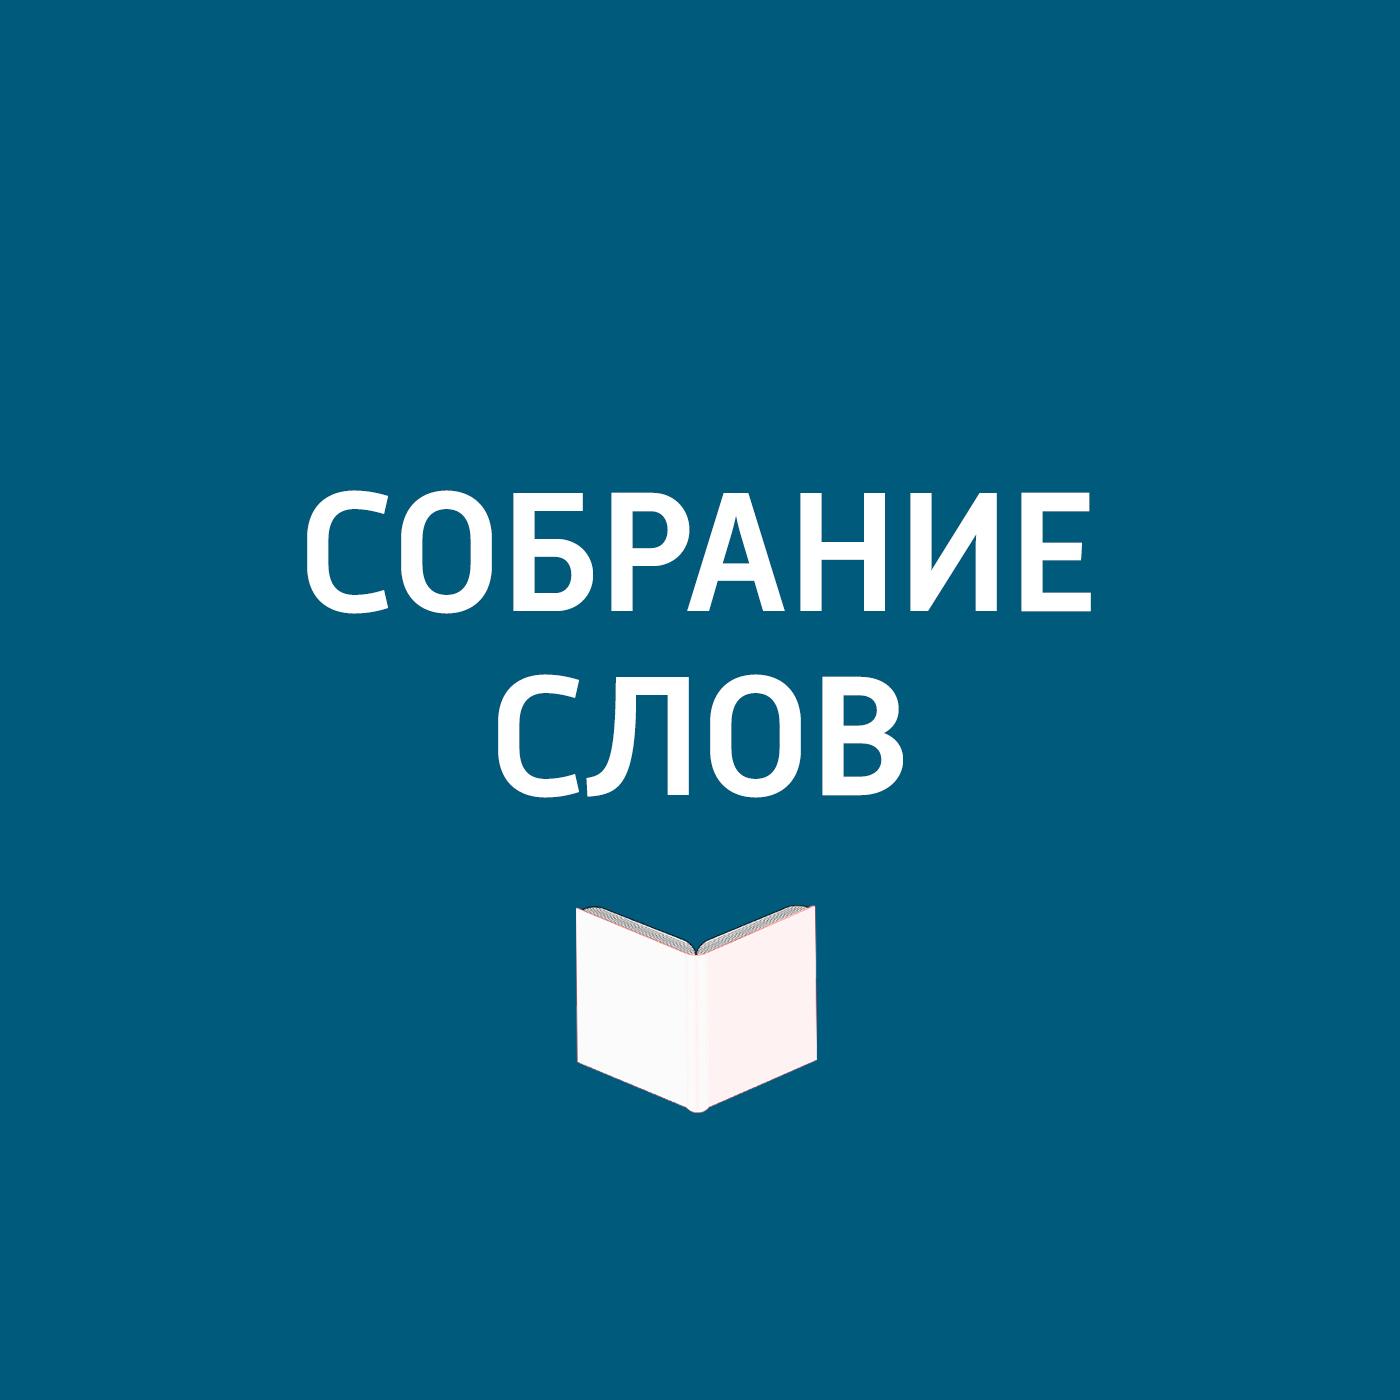 Творческий коллектив программы «Собрание слов» Большое интервью Сергея Мазаева